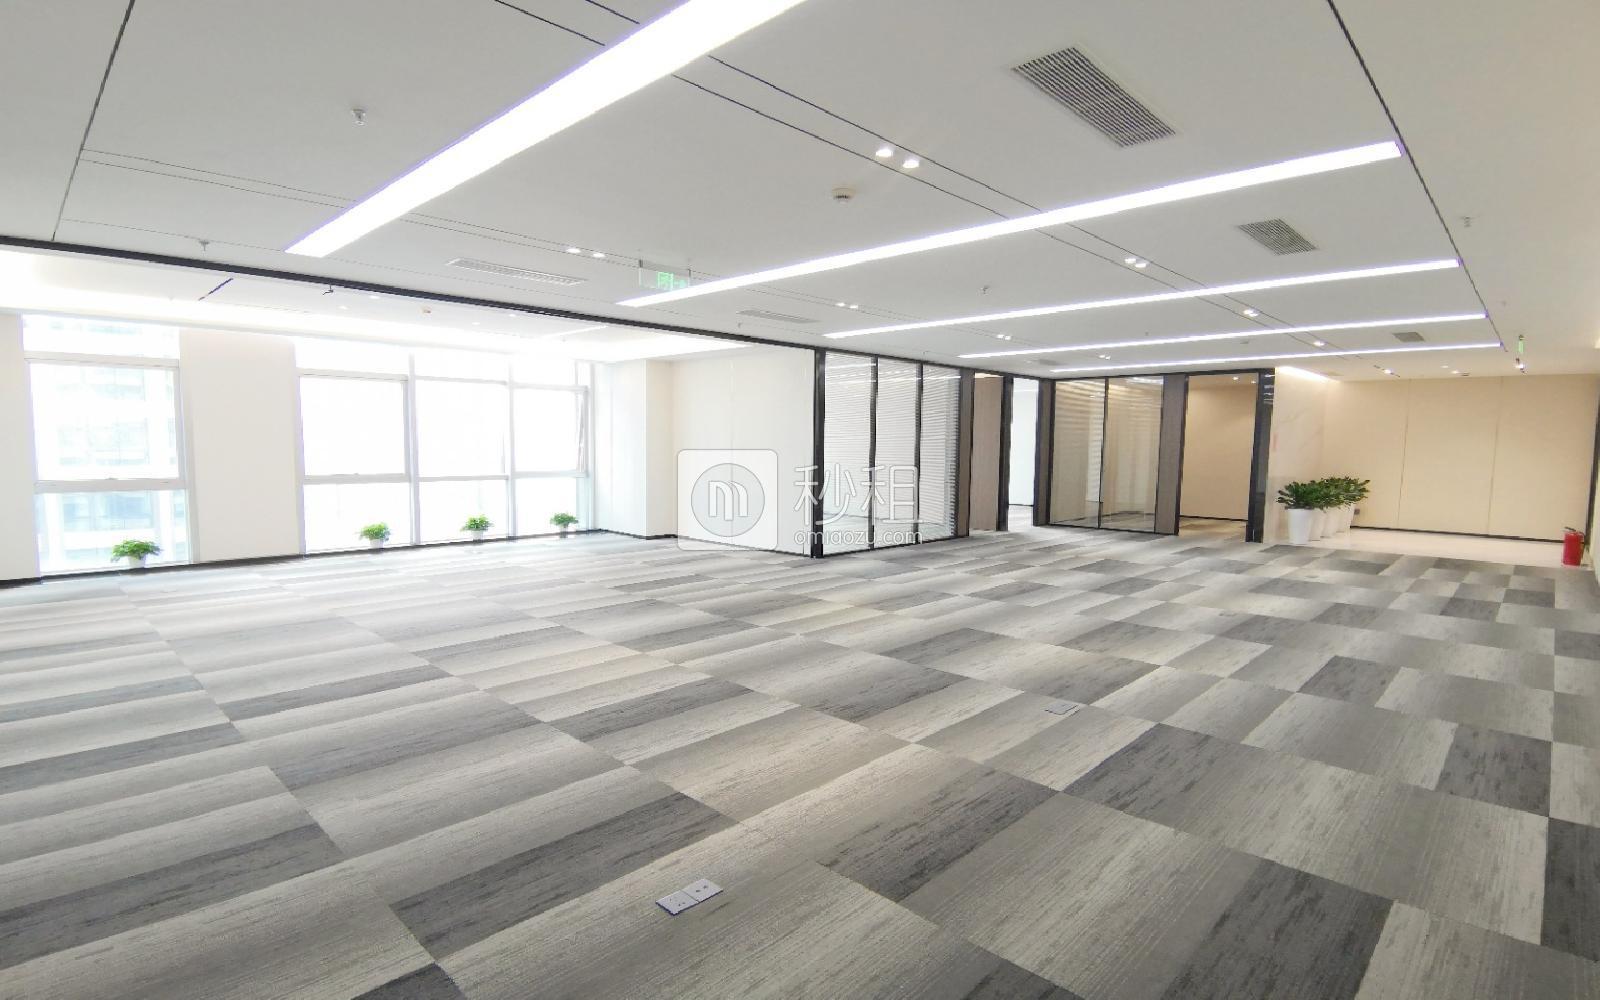 南山-后海 鹏润达商业广场 511m²